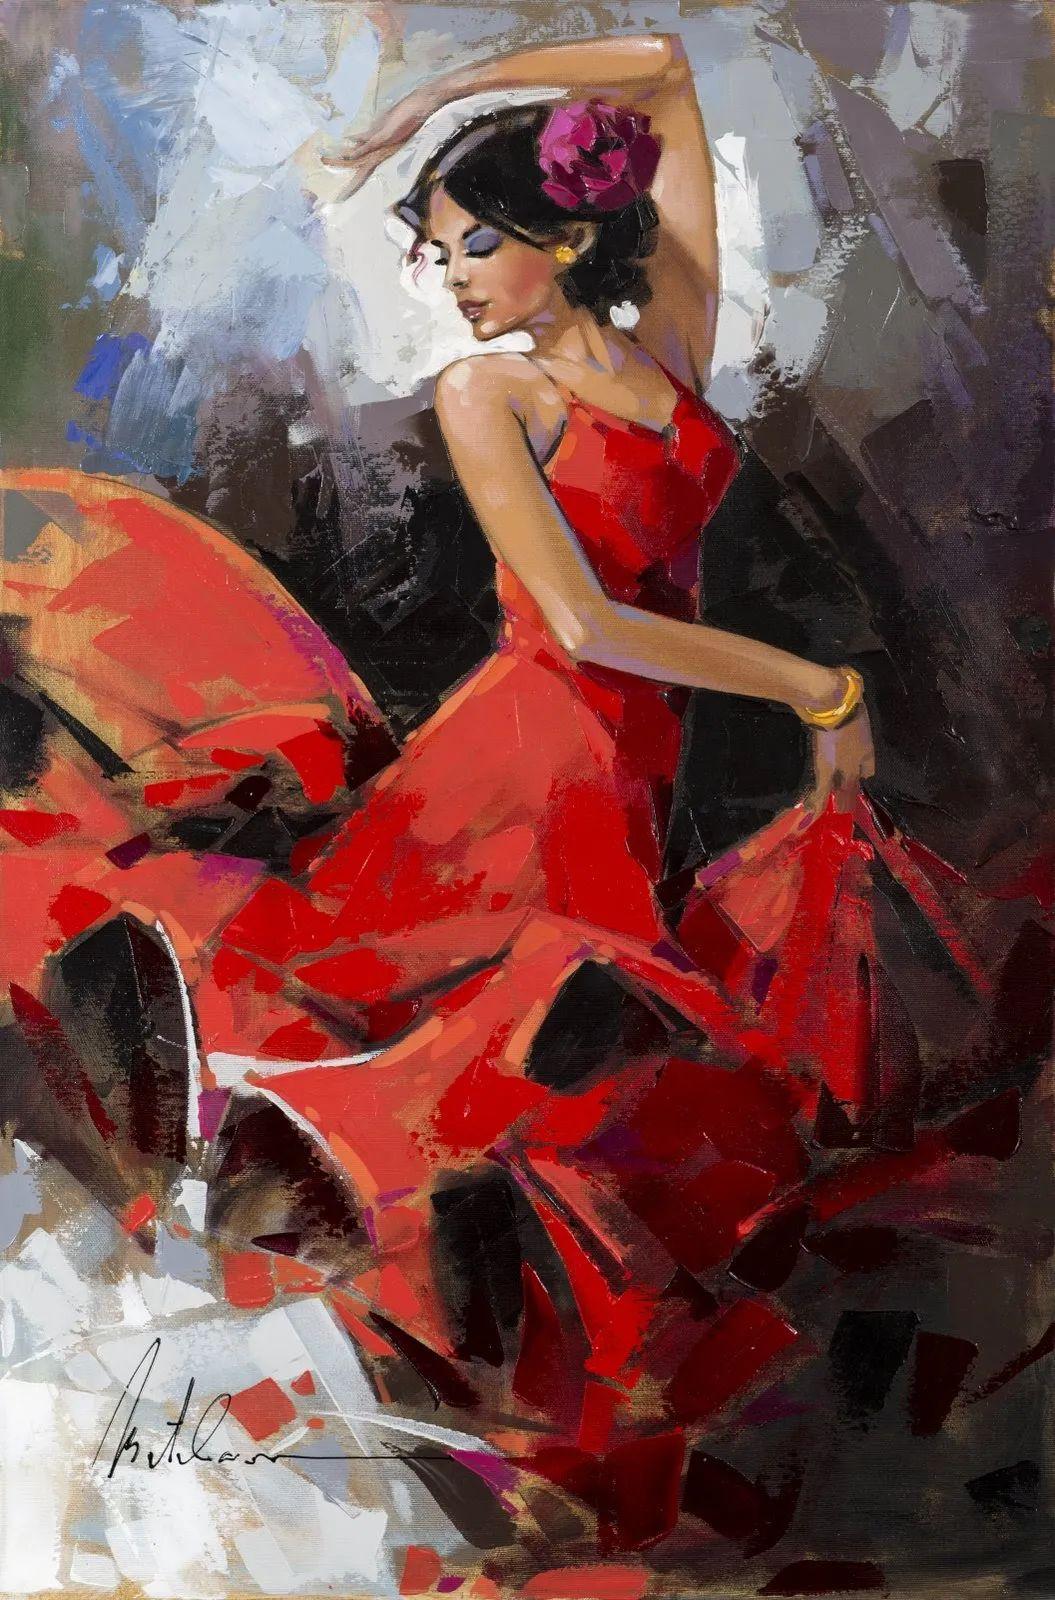 捕捉舞者的瞬间,色彩丰富表现力强!乌克兰画家阿纳托利·梅特兰插图23